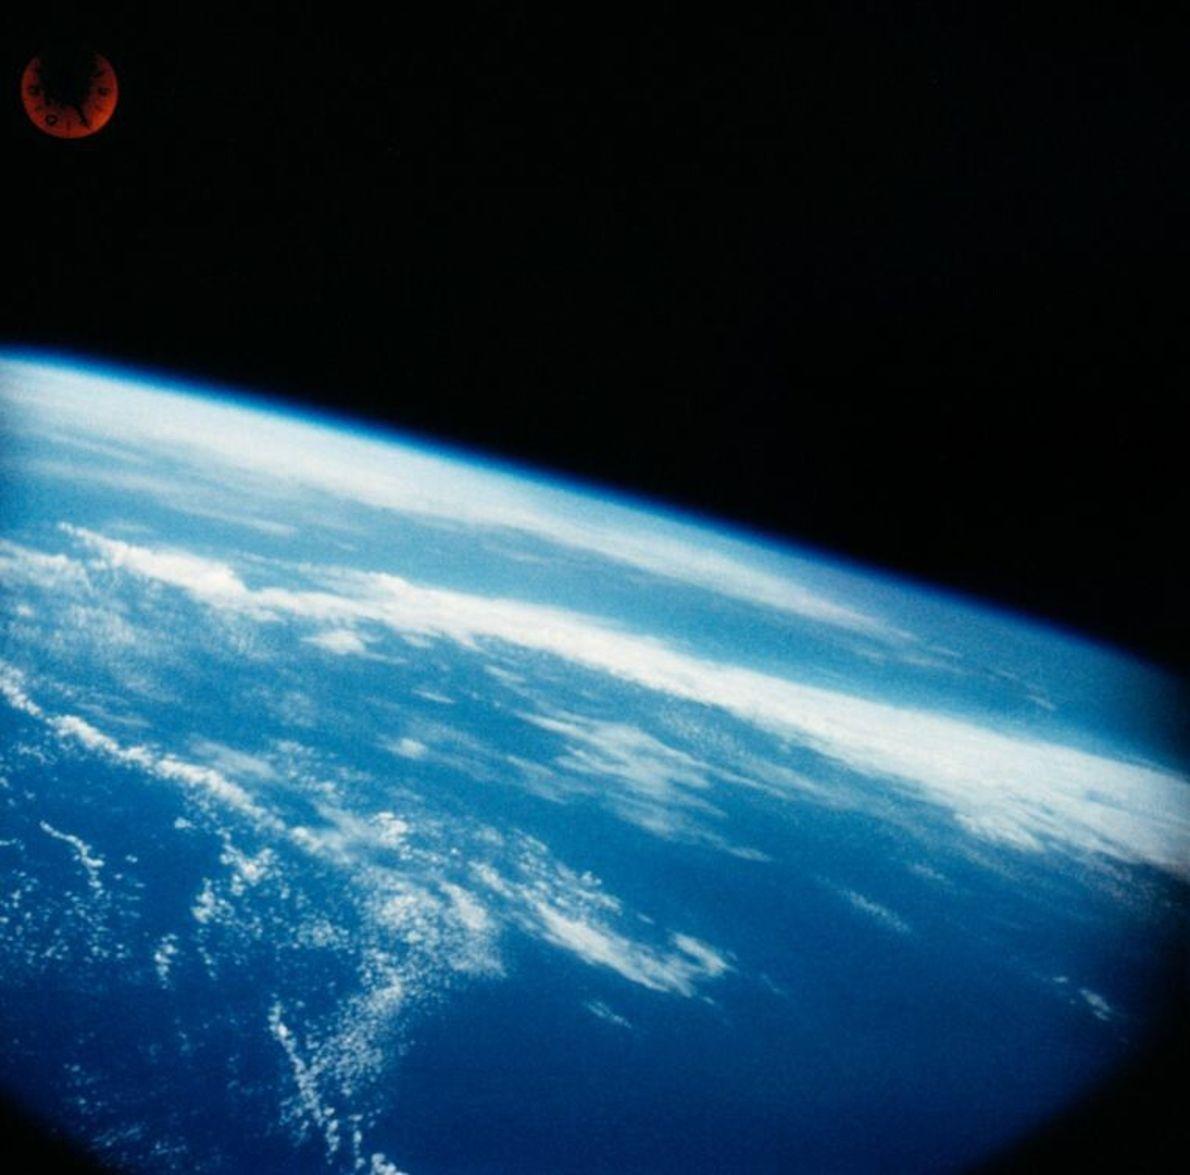 Wally Schirra nahm eine stark modifizierte Hasselblad-Kamera mit in den Weltraum. Die Bilder von der Erde, ...